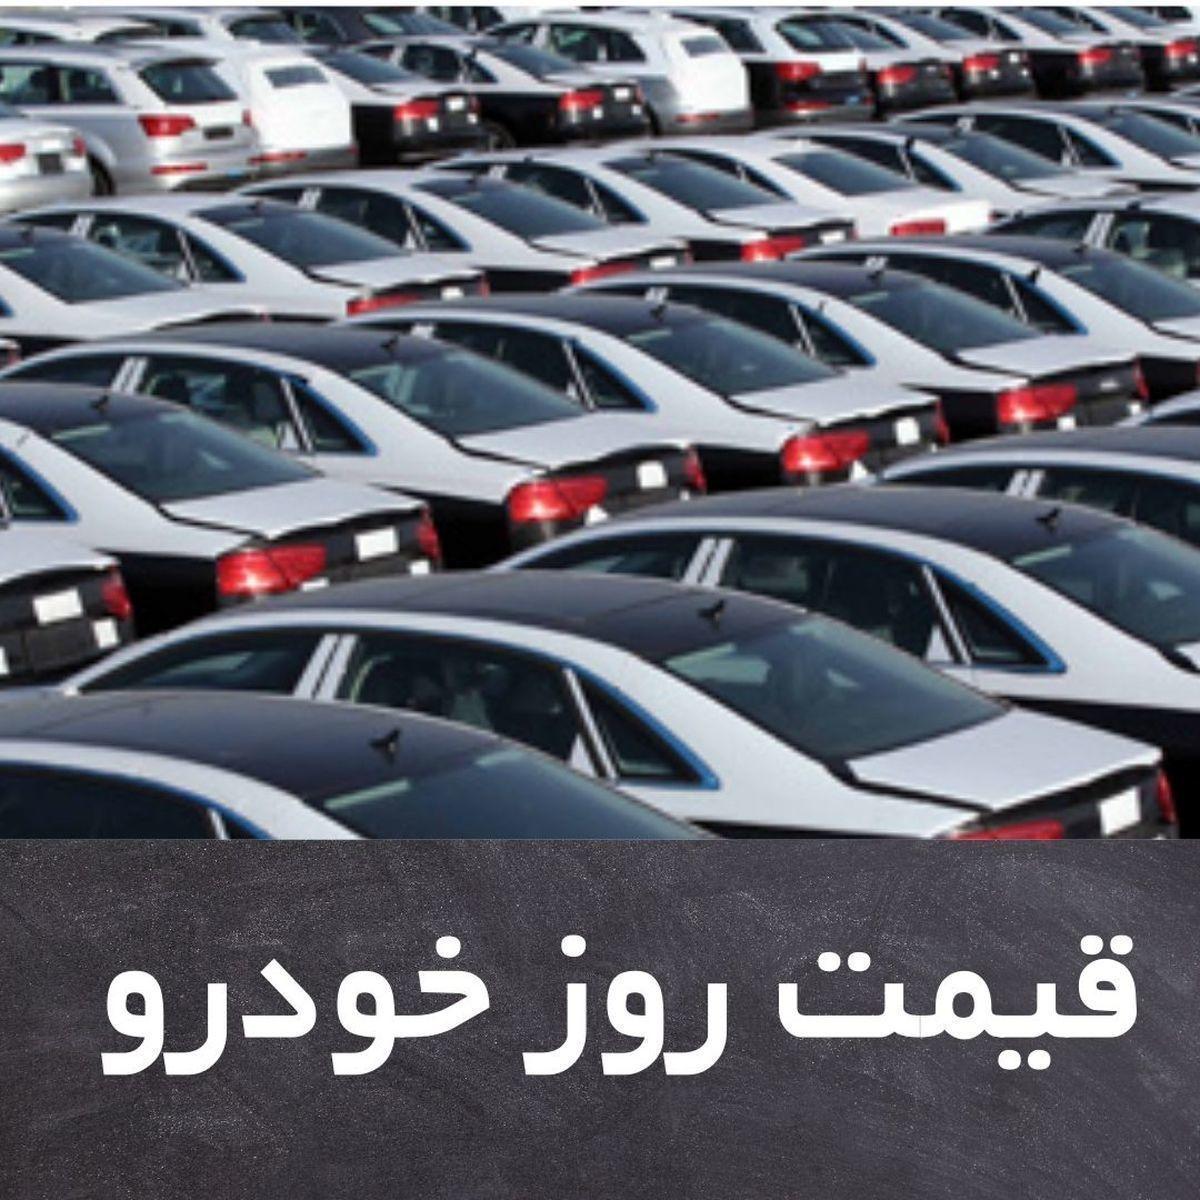 قیمت روز خودرو سه شنبه 14 اردیبهشت + جدول